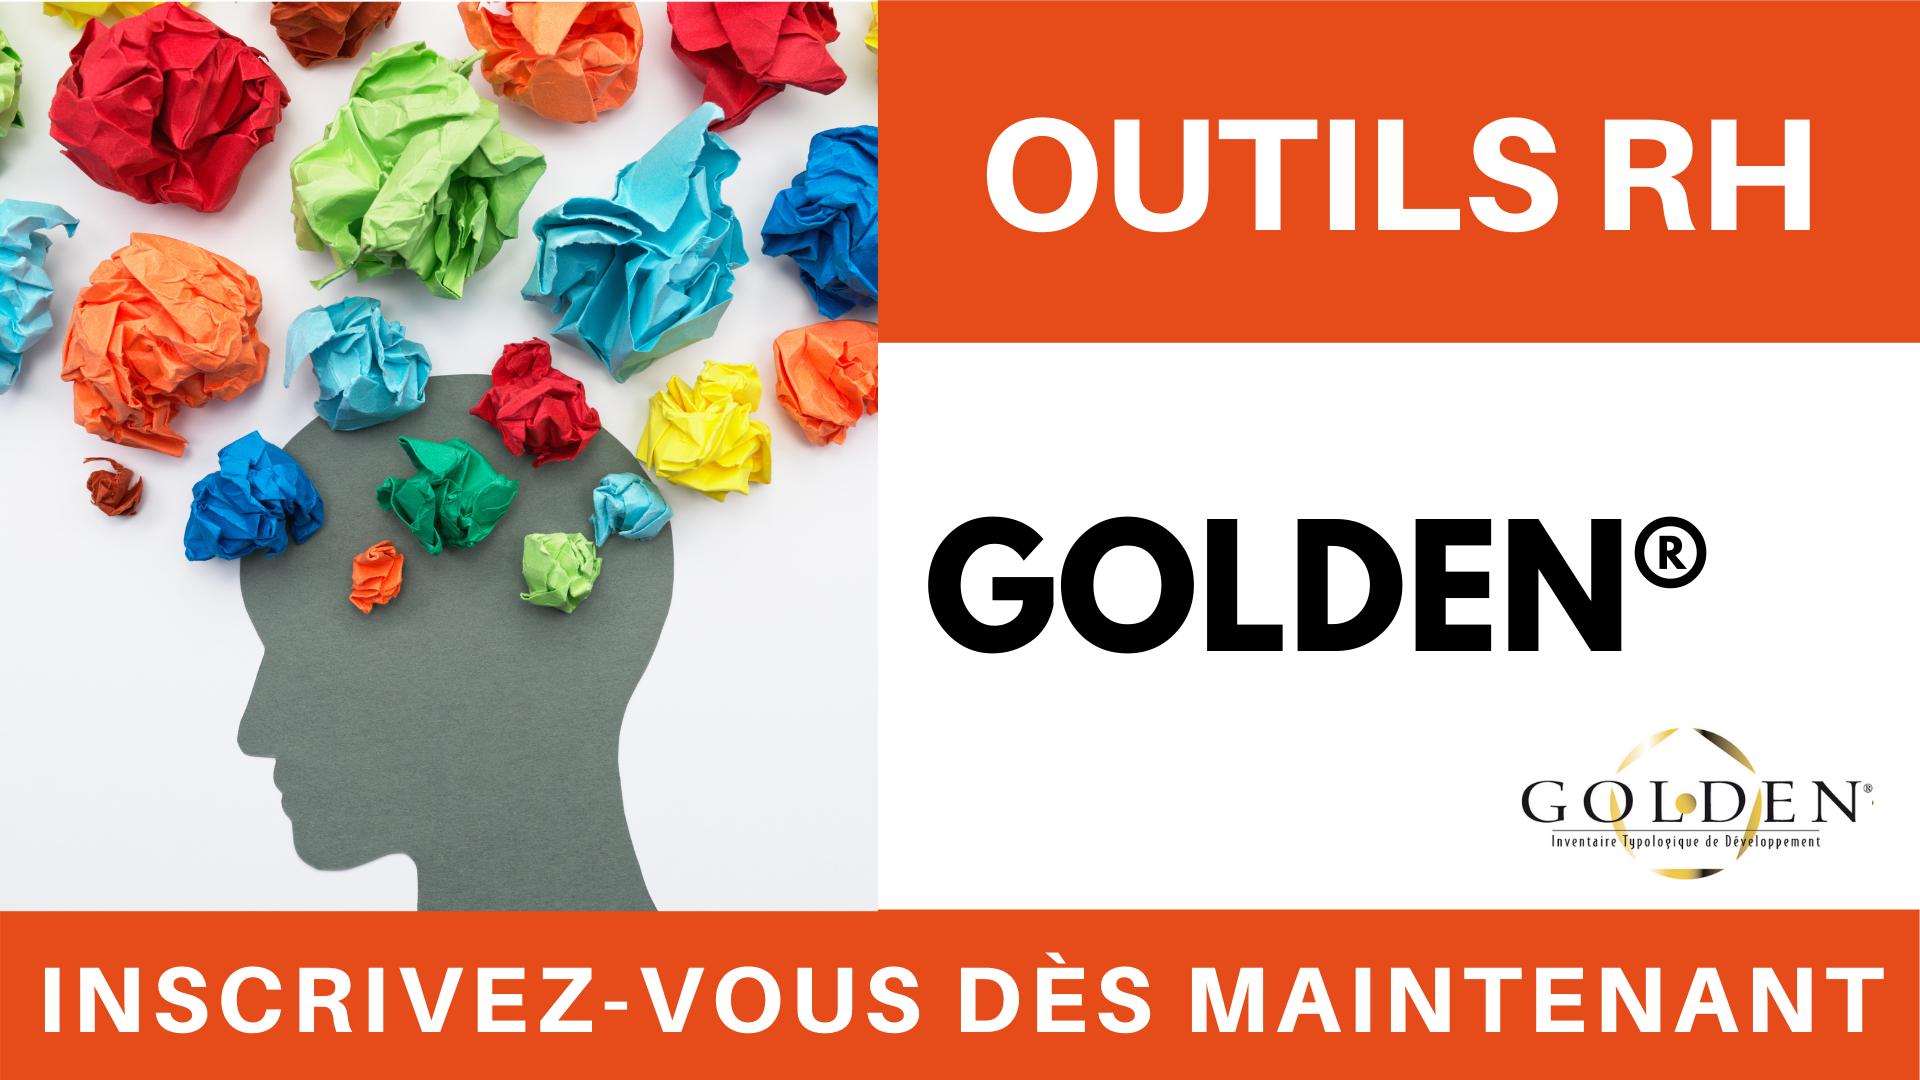 OUTILS RH - GOLDEN (1)